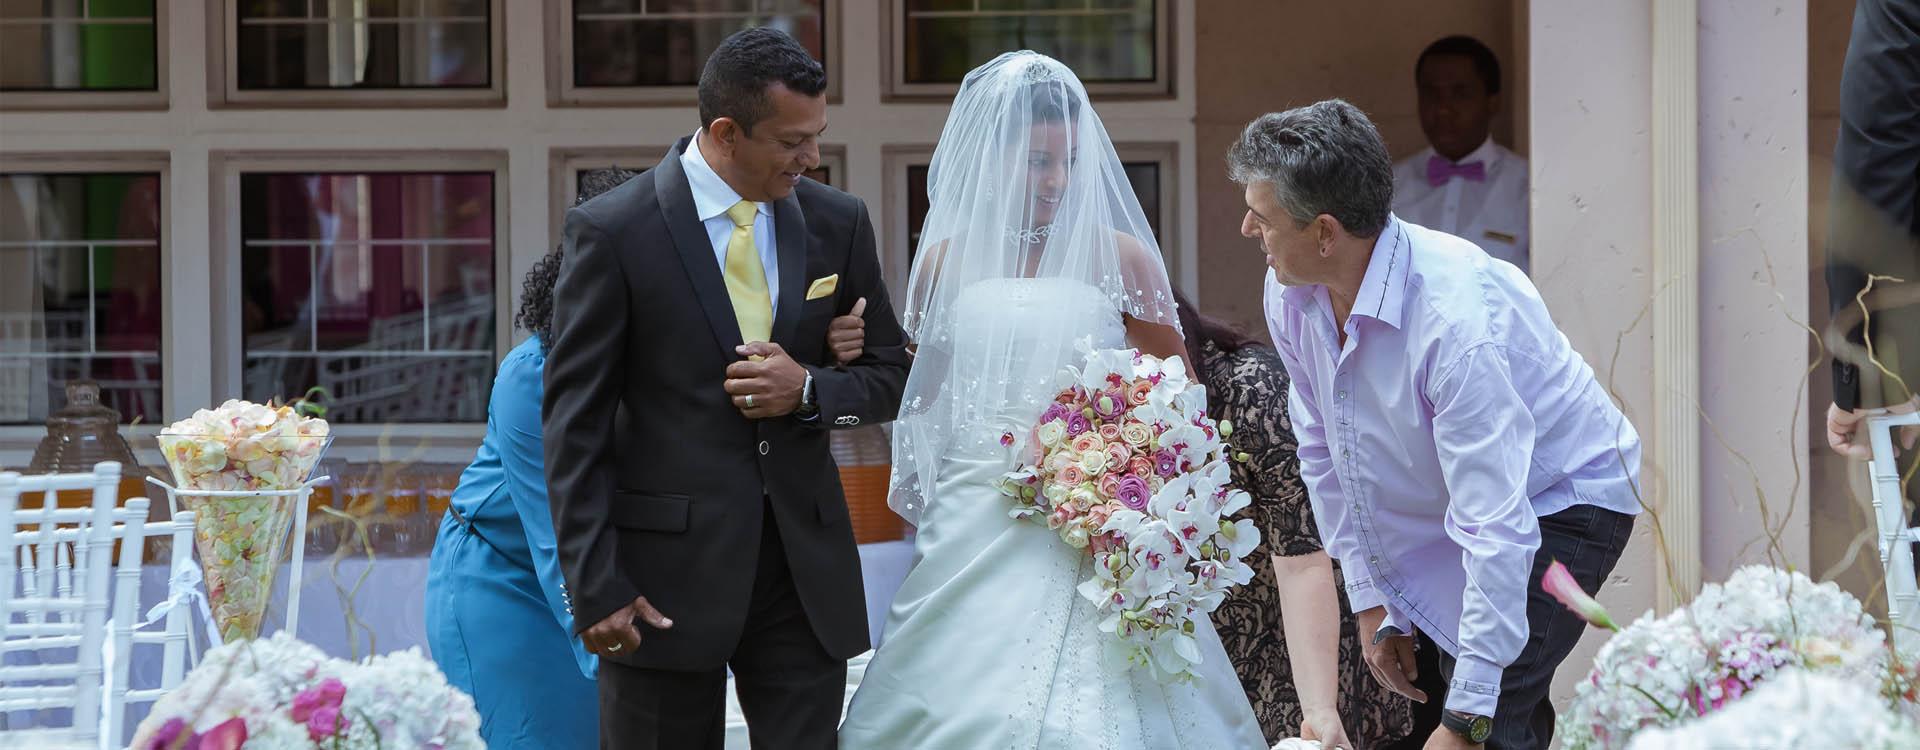 SA Wedding Decor Support